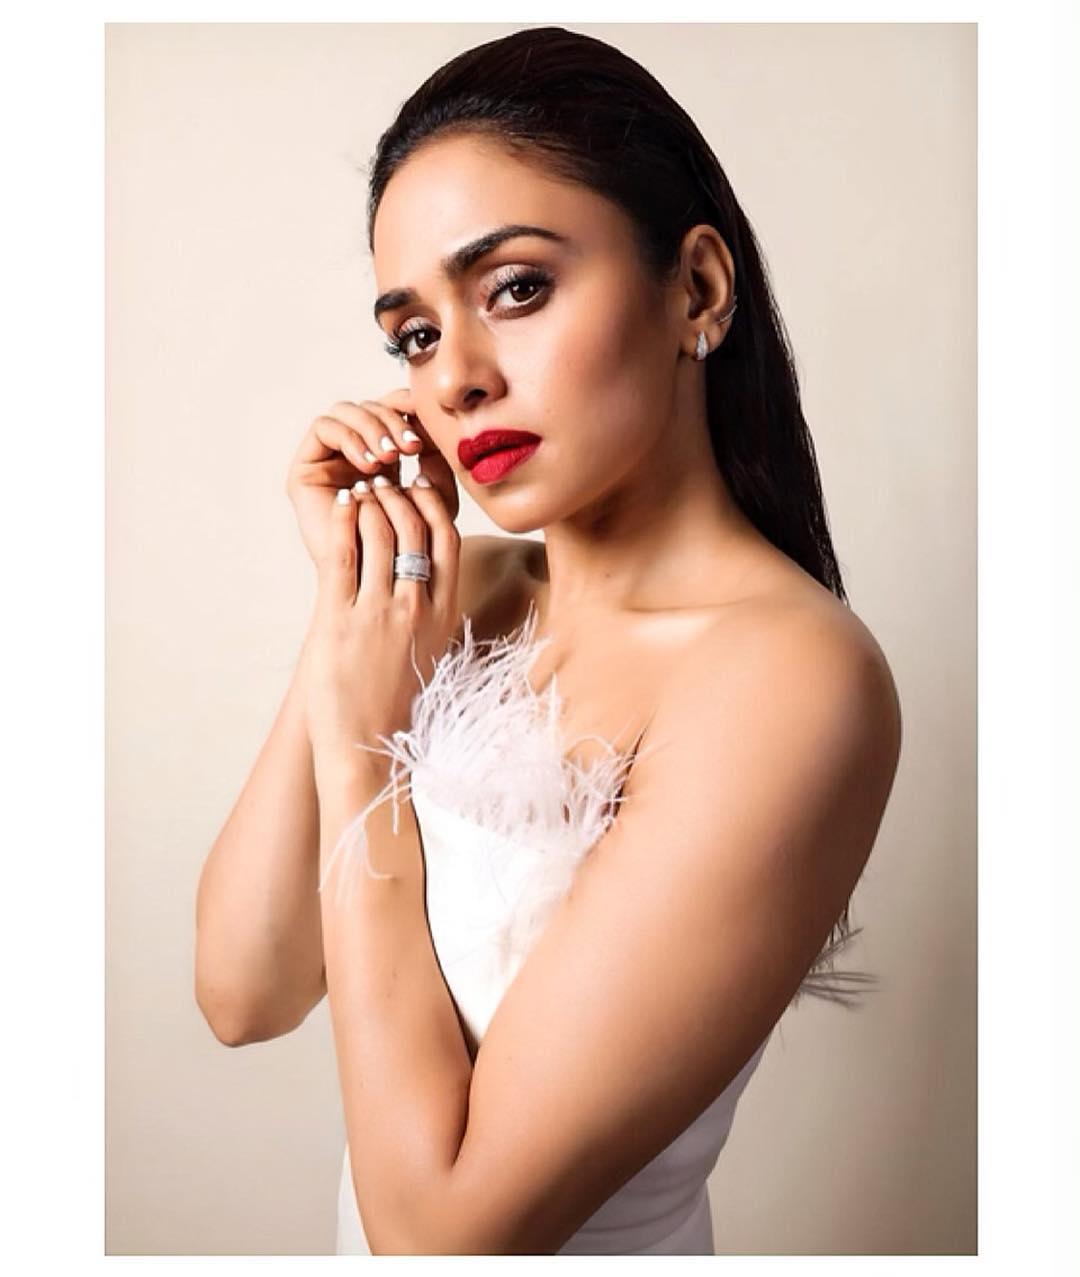 Amruta Khanvilkar Marathi Actress 91